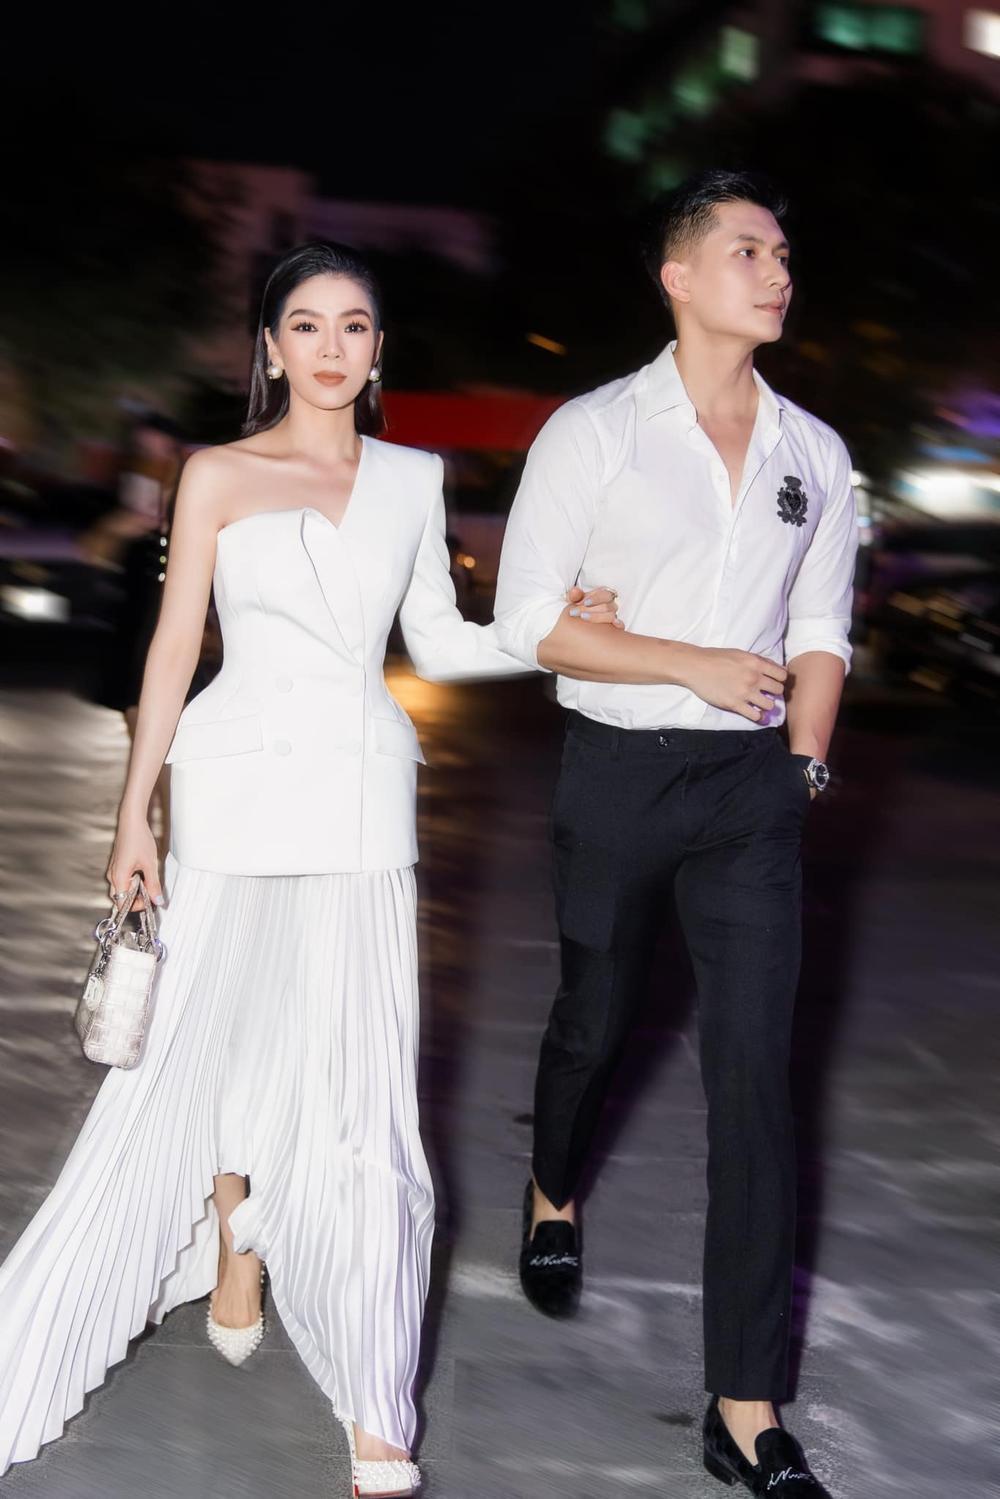 Trước khi cặp kè Lệ Quyên, Lâm Bảo Châu đã từng 'thề non hẹn biển' với loạt đàn chị lớn tuổi Ảnh 2